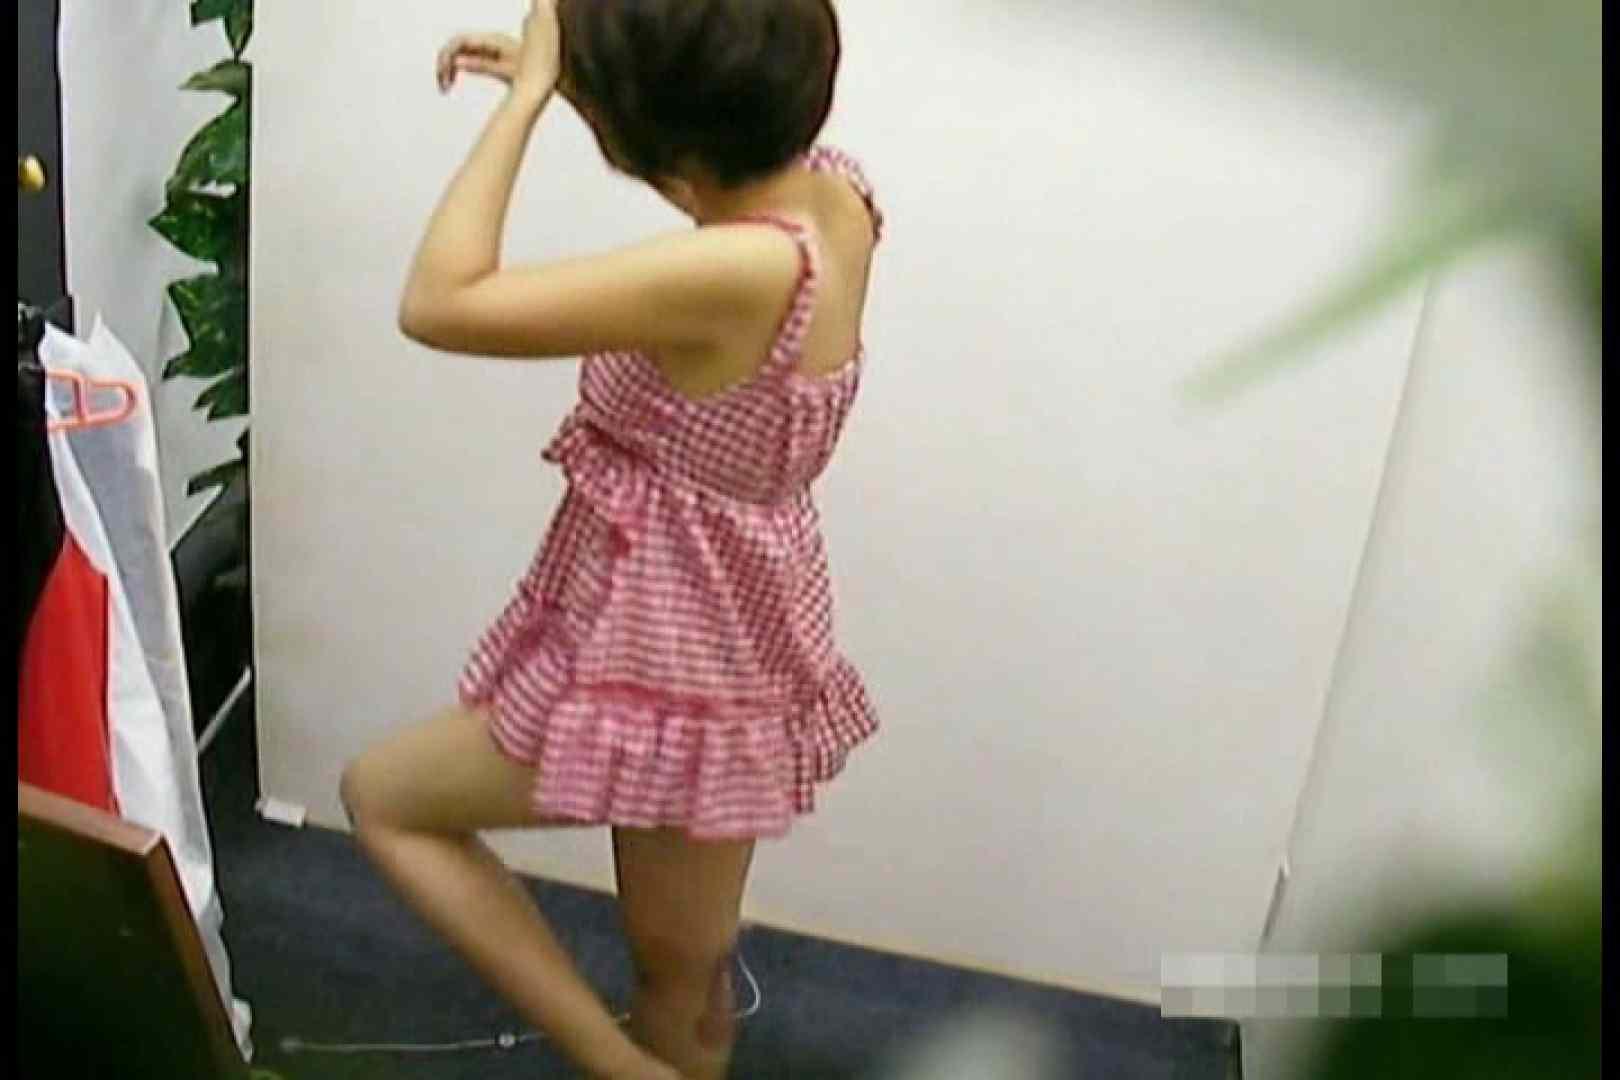 素人撮影 下着だけの撮影のはずが・・・エミちゃん18歳 オマンコ  29連発 13